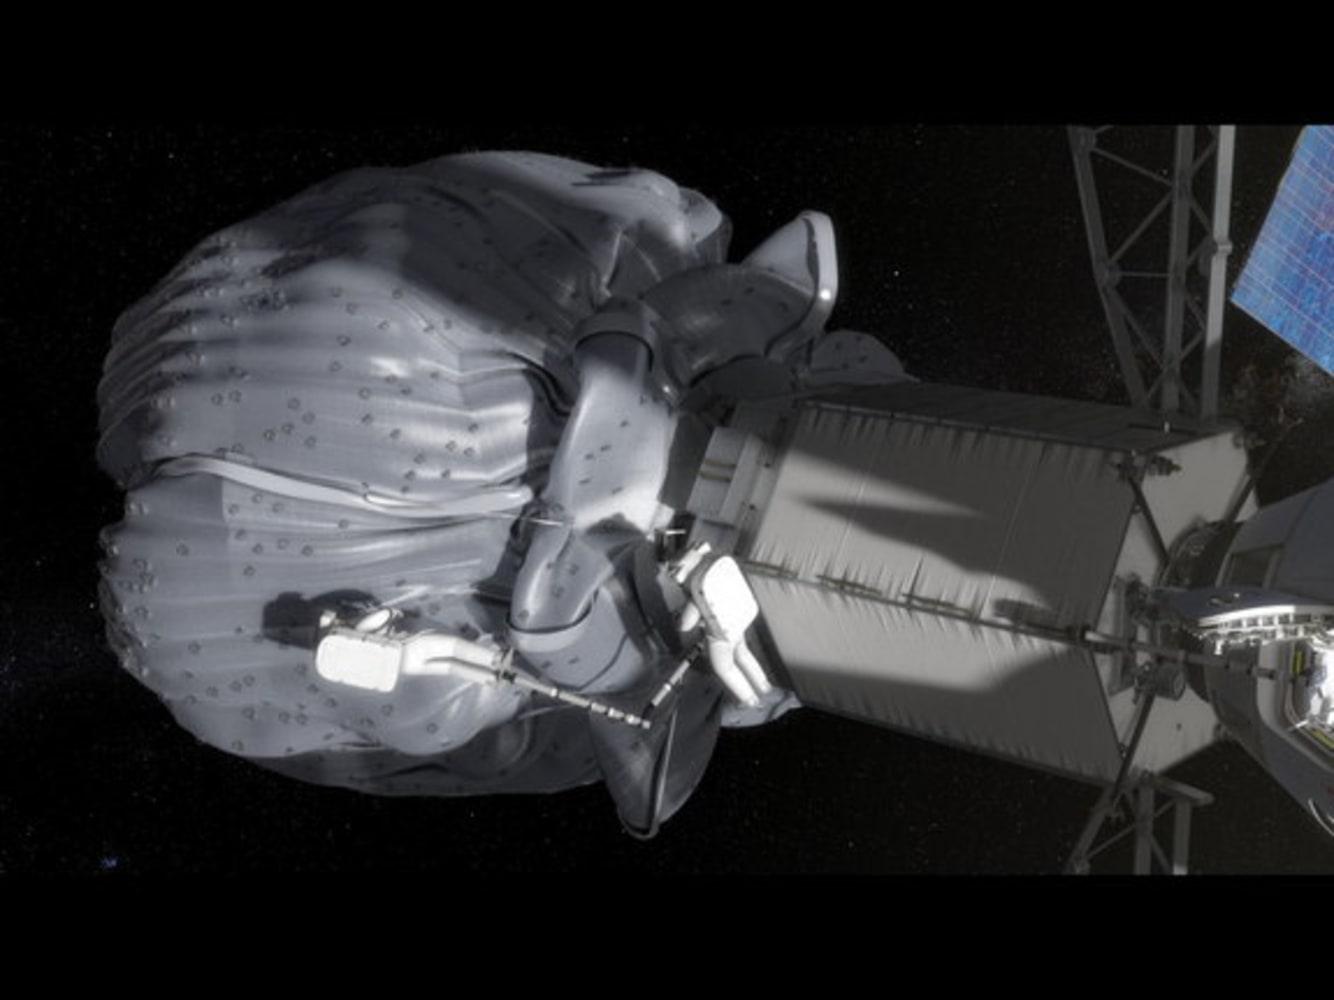 asteroid lasso plan - photo #10